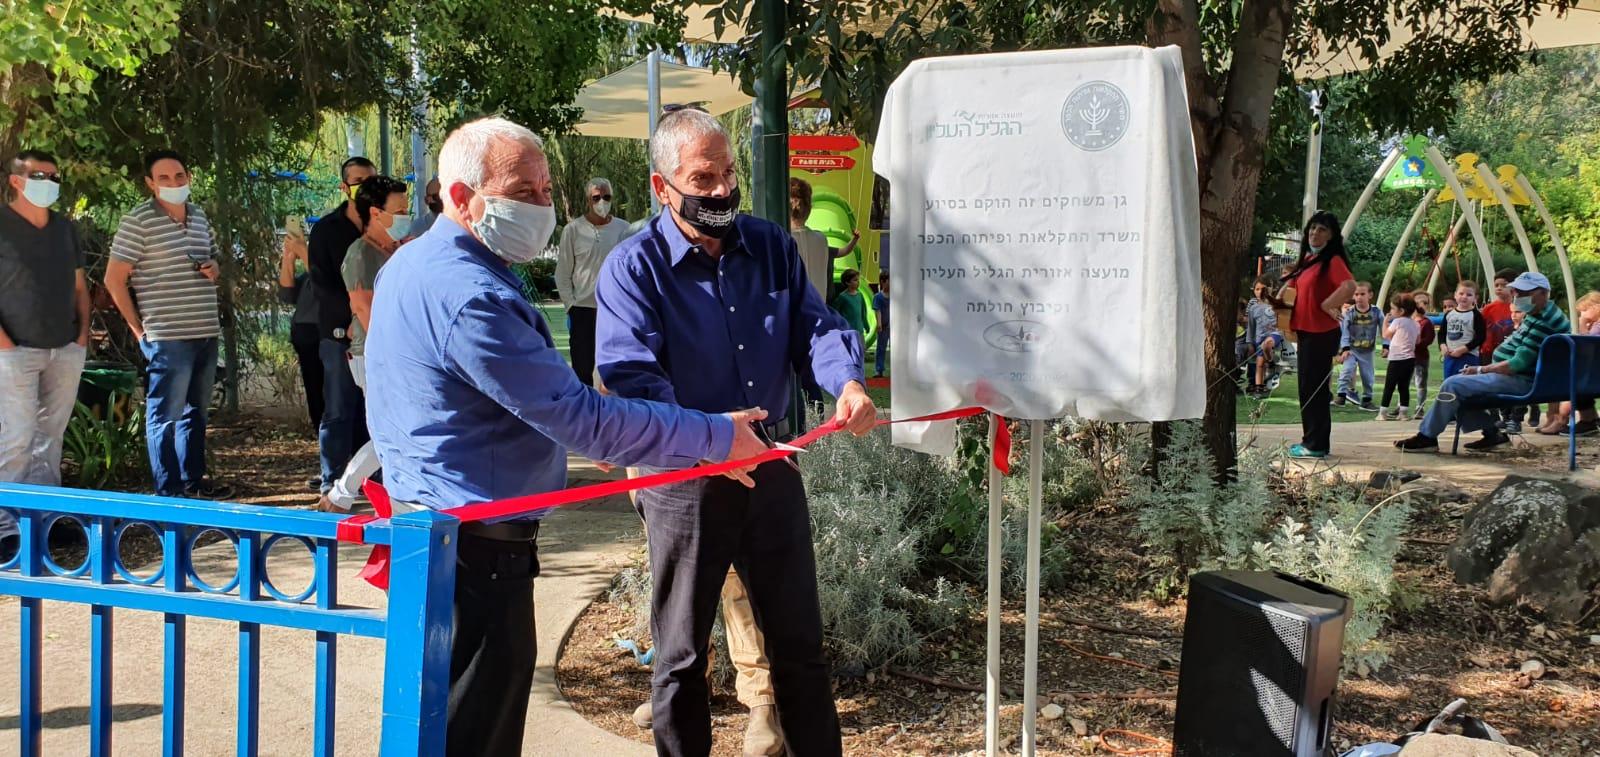 שר החקלאות אלון שוסטר חנך את גן השעשועים החדש בקיבוץ חולתה